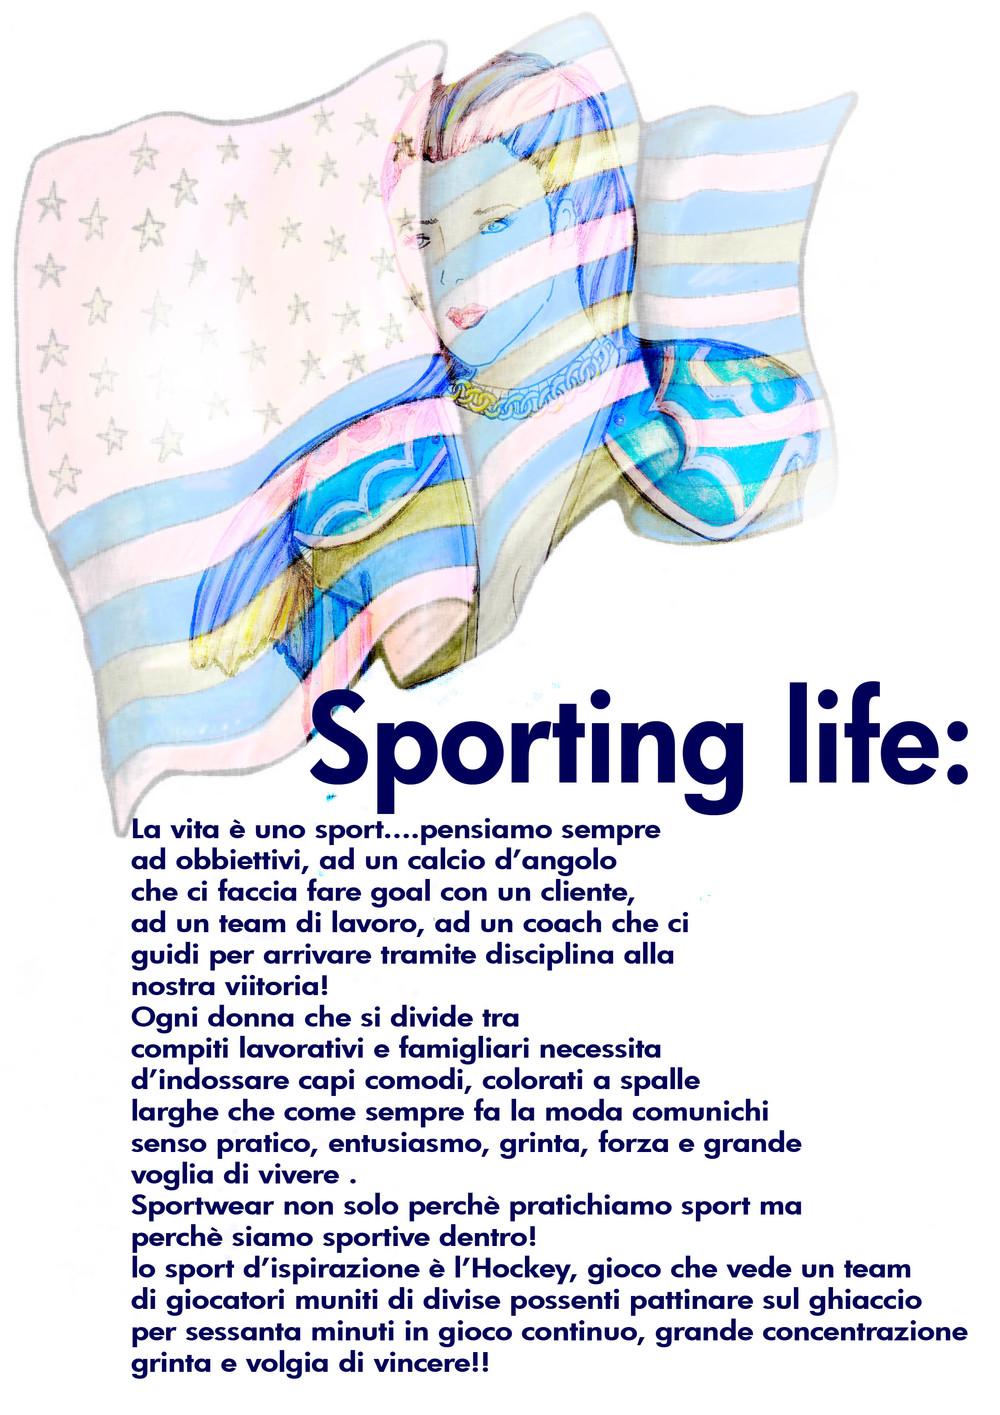 introduzione  sporting life jpeg.jpg